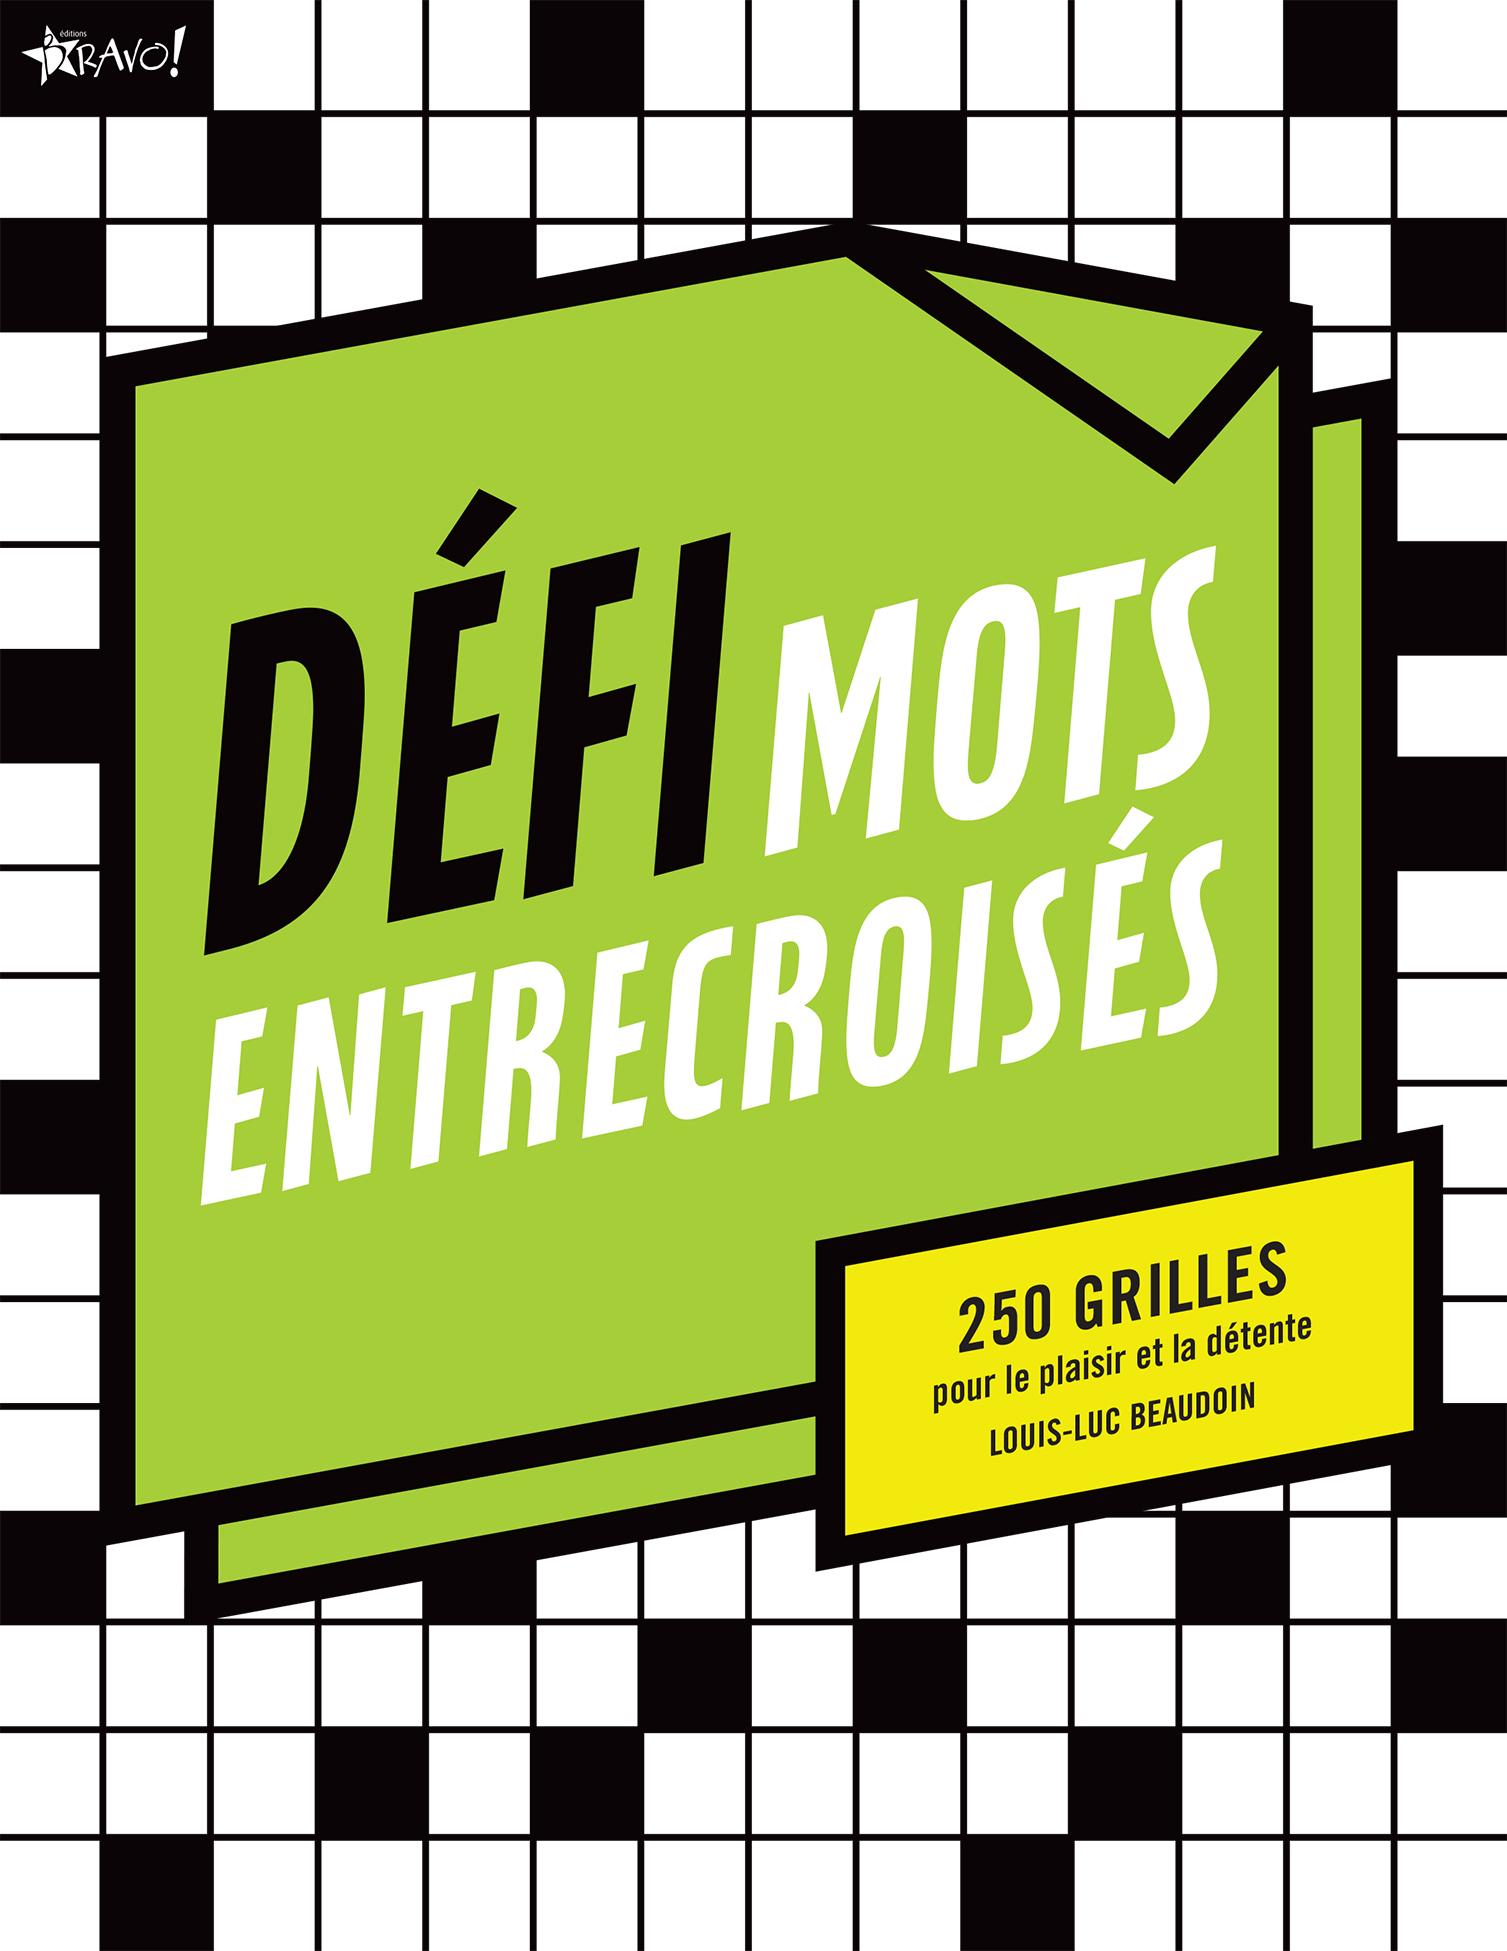 316_DefiMotsEntrecroises_C1